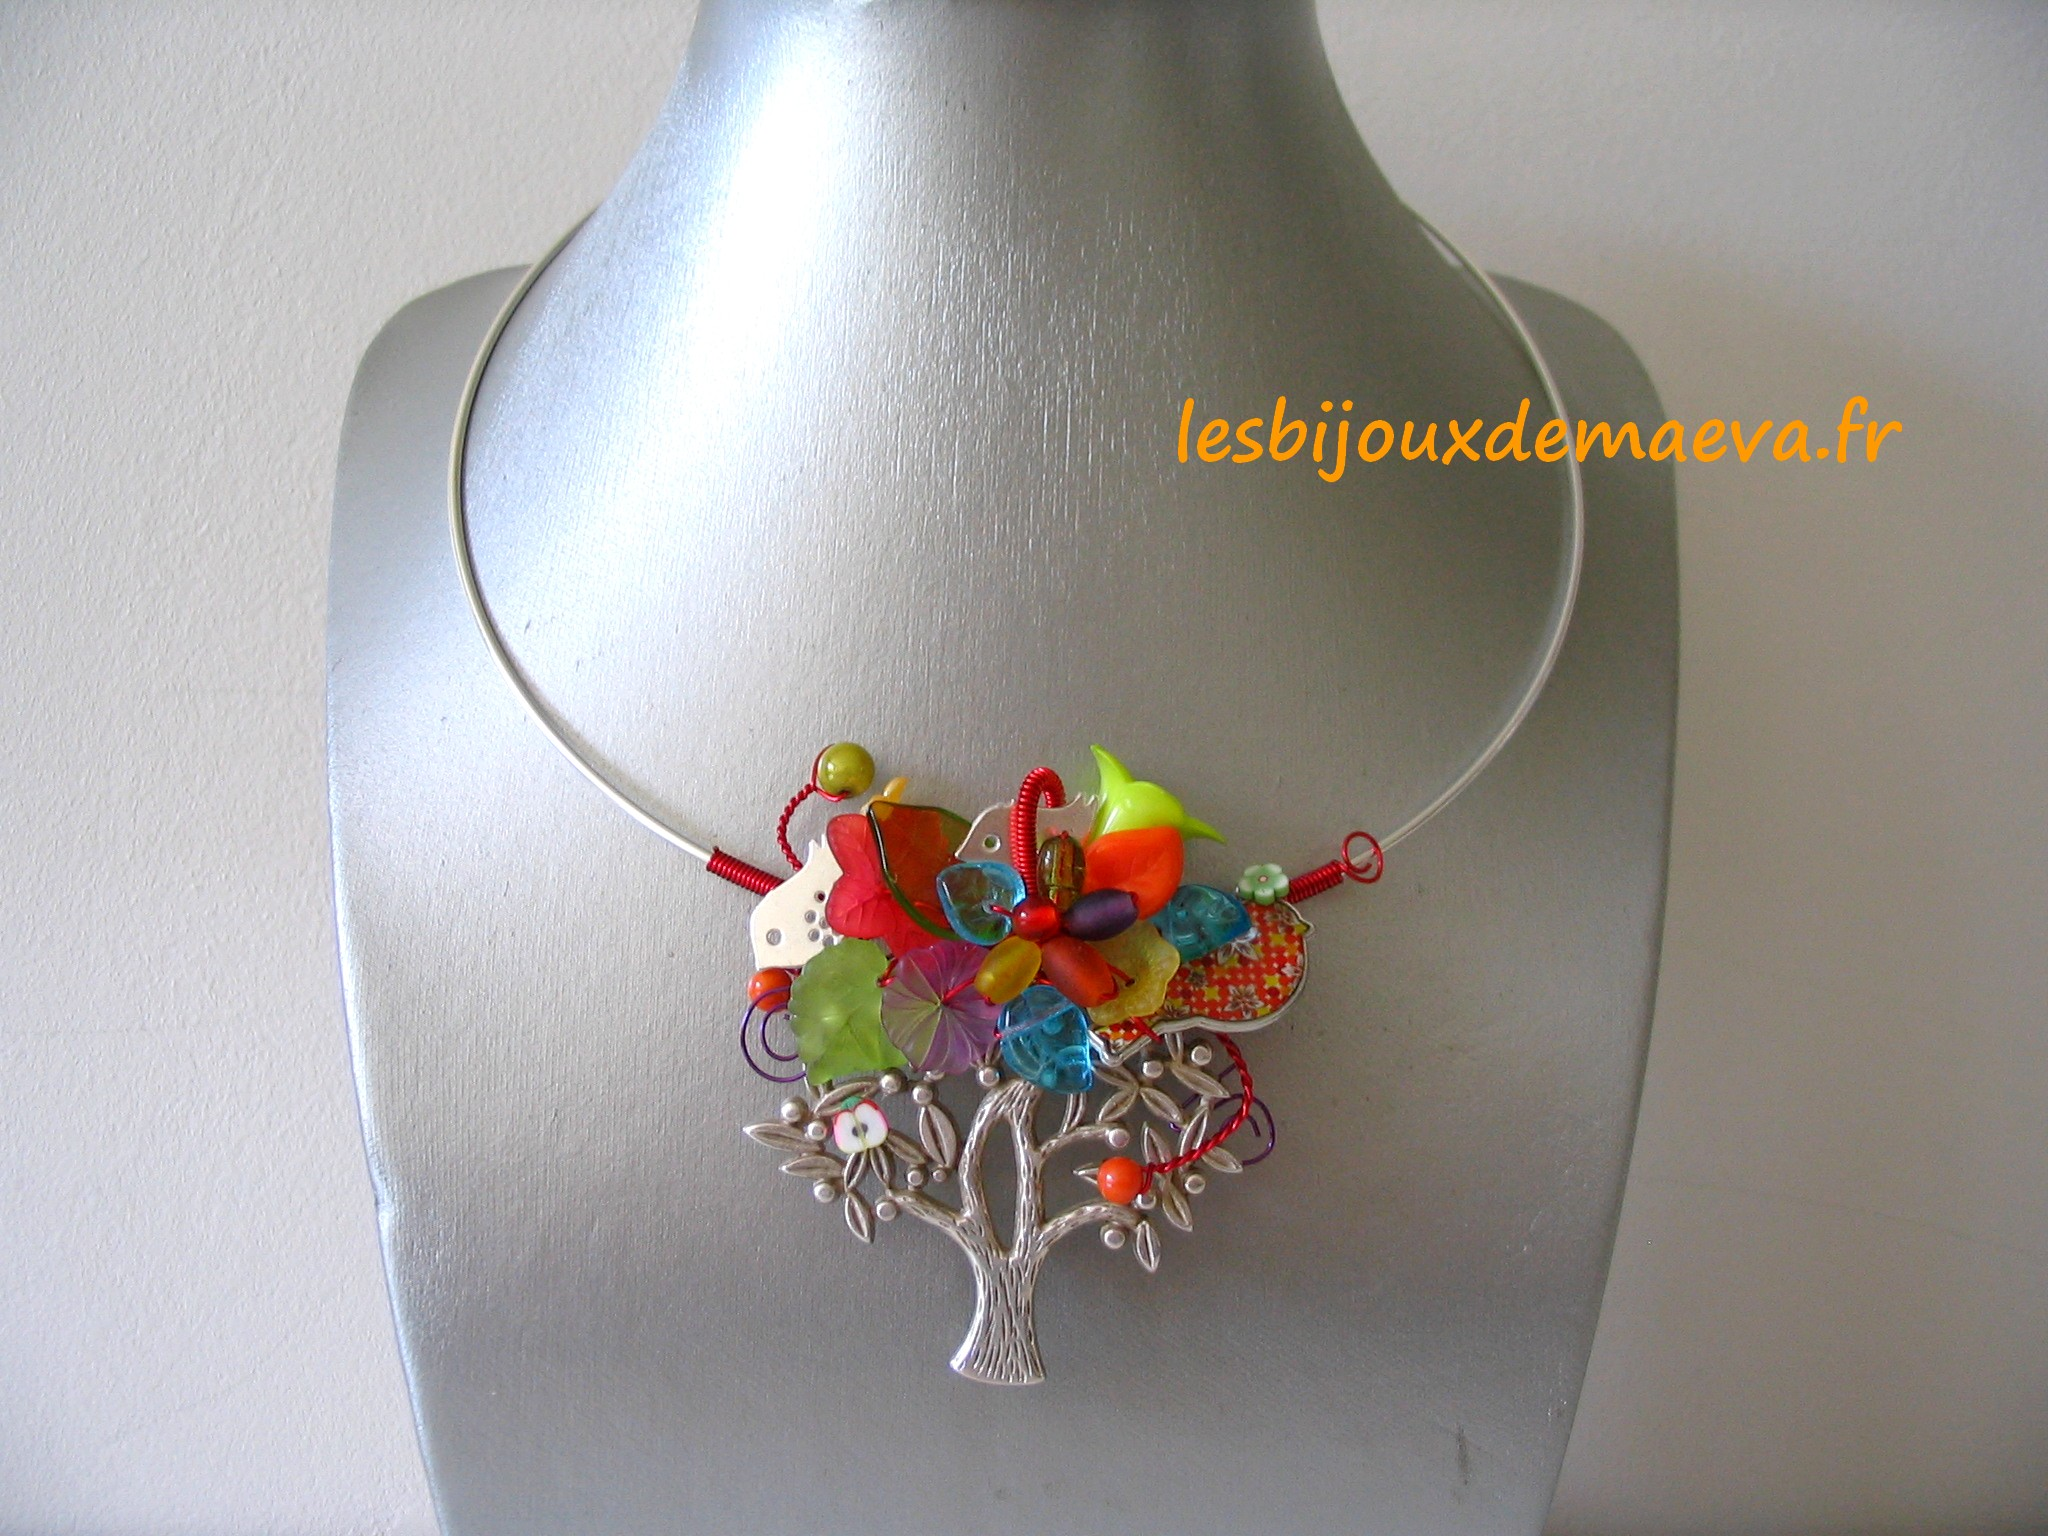 Createur De Bijoux Fantaisie Paris : Bijoux fantaisie cr?ateur collier multicolore quot ecolo